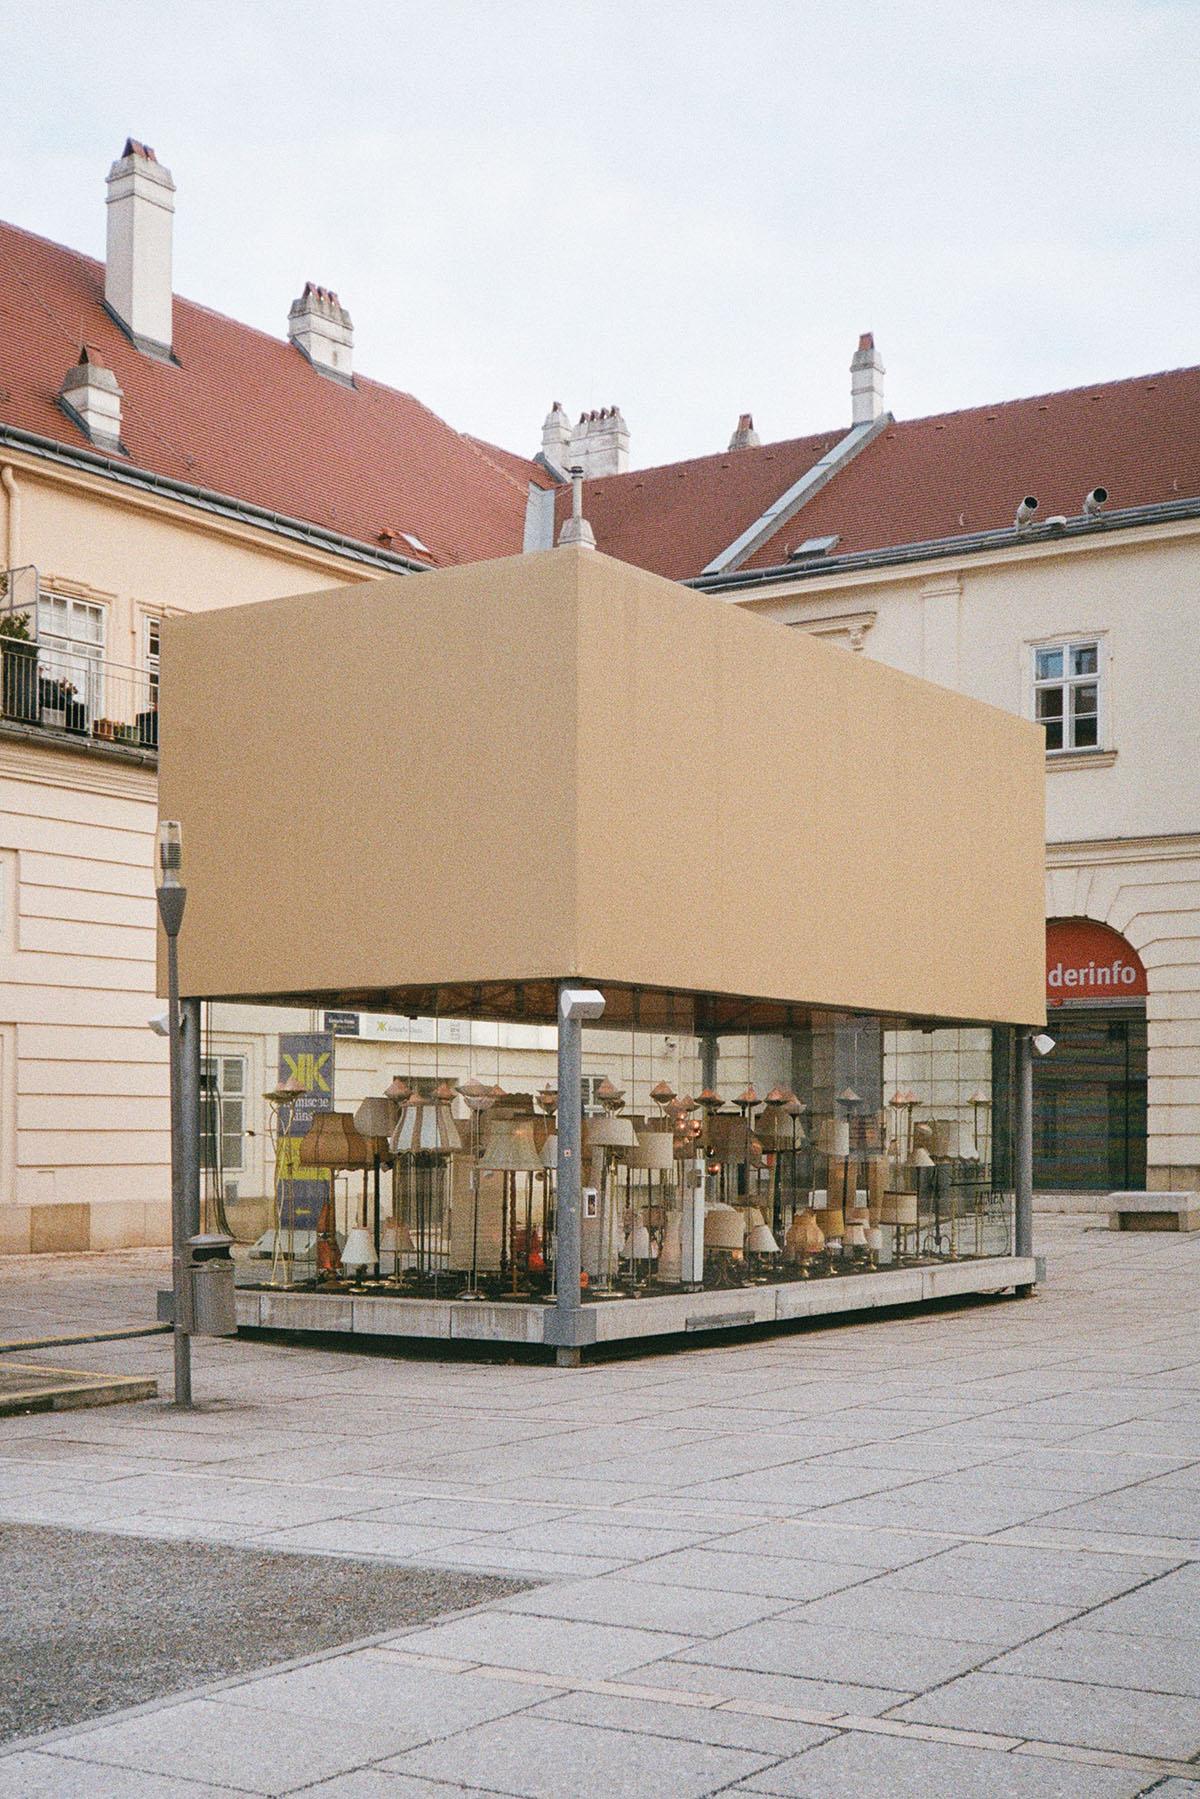 Installation LUMEN von Johannes Rass, Februar 2021. Foto: Daniel Lichterwaldt